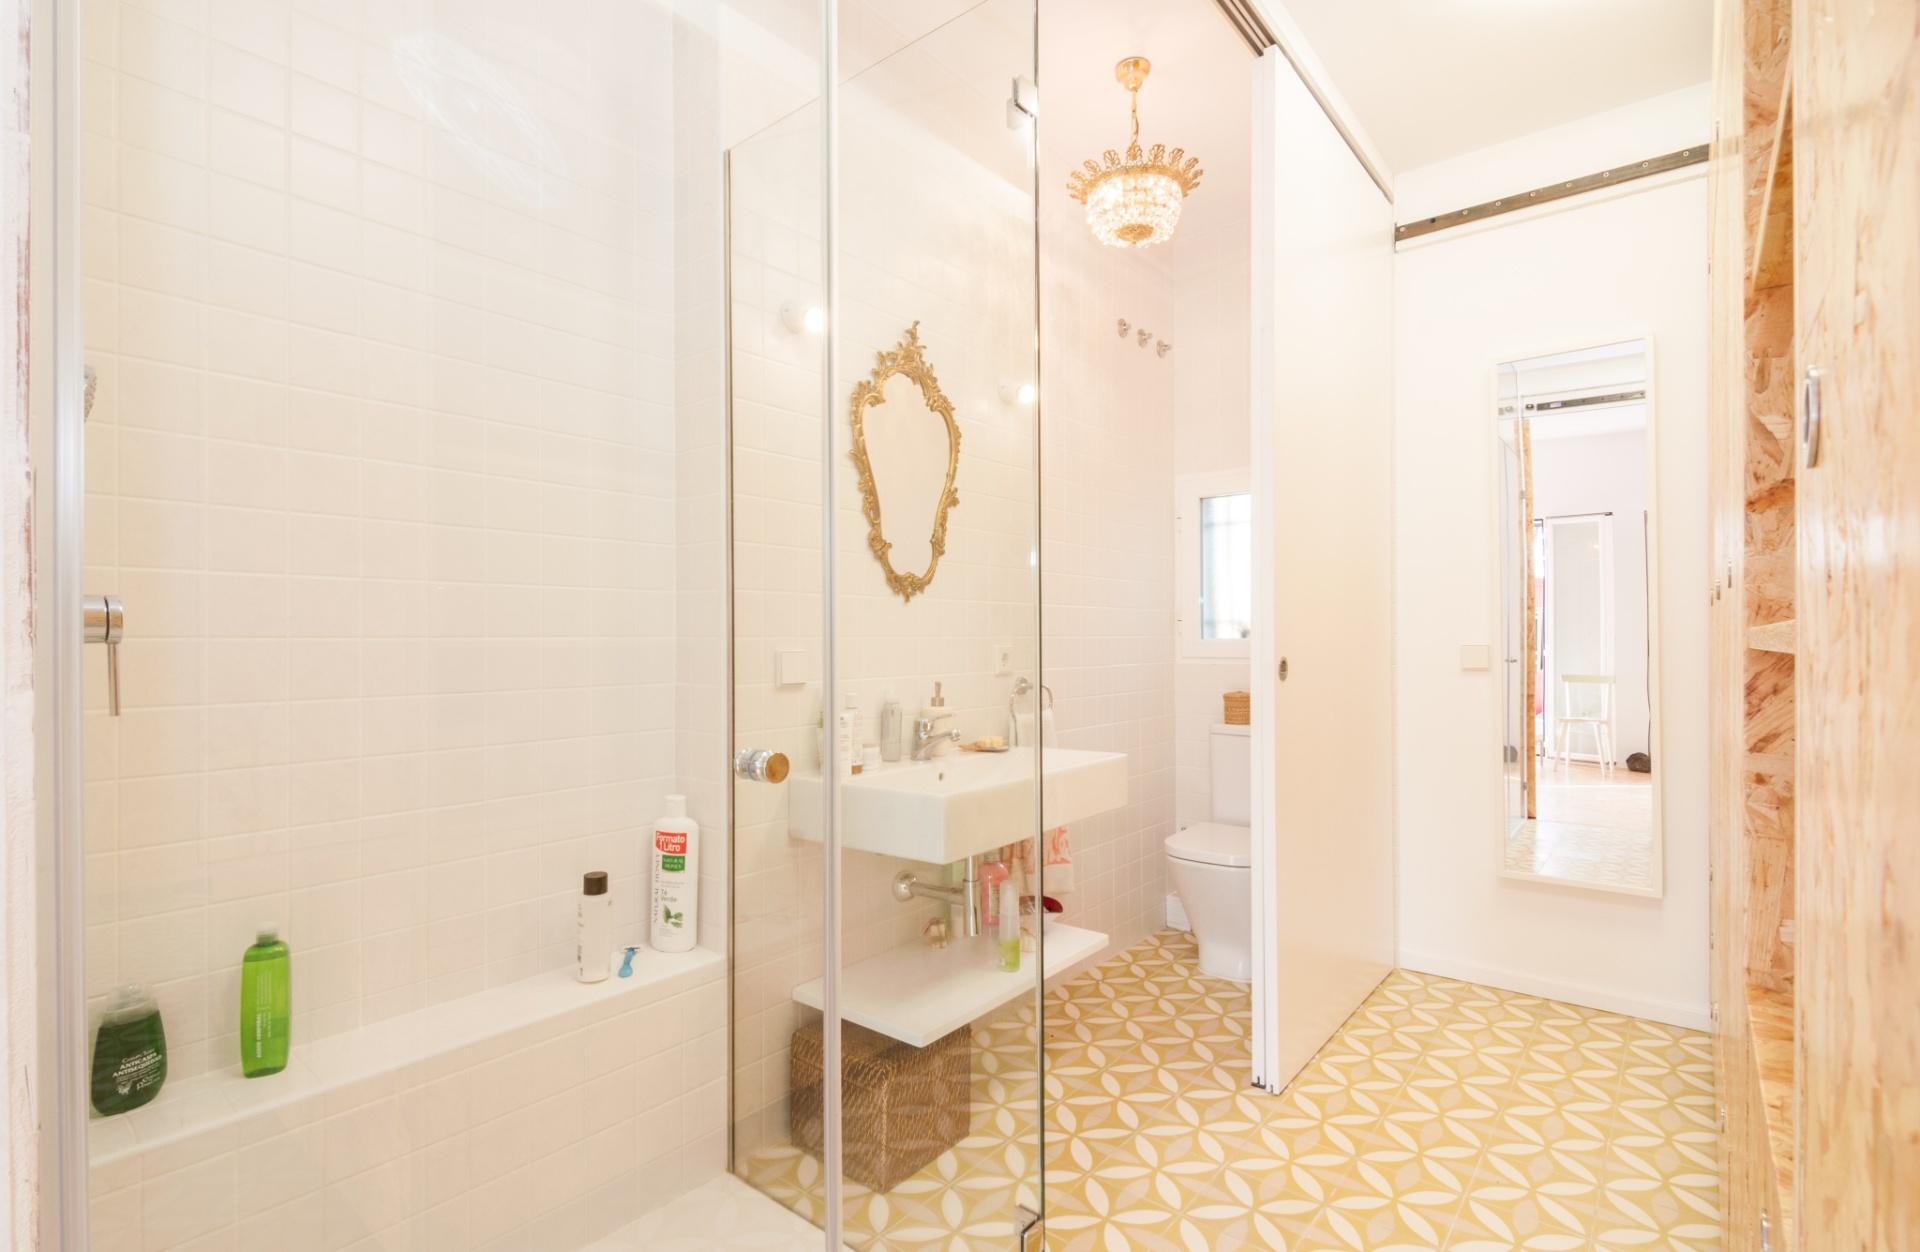 Banheiro é Um Dos Cômodos Que Mais Precisa Ser Cuidado Dentro De  #839C2F 1920x1252 Balança De Banheiro Mais Precisa